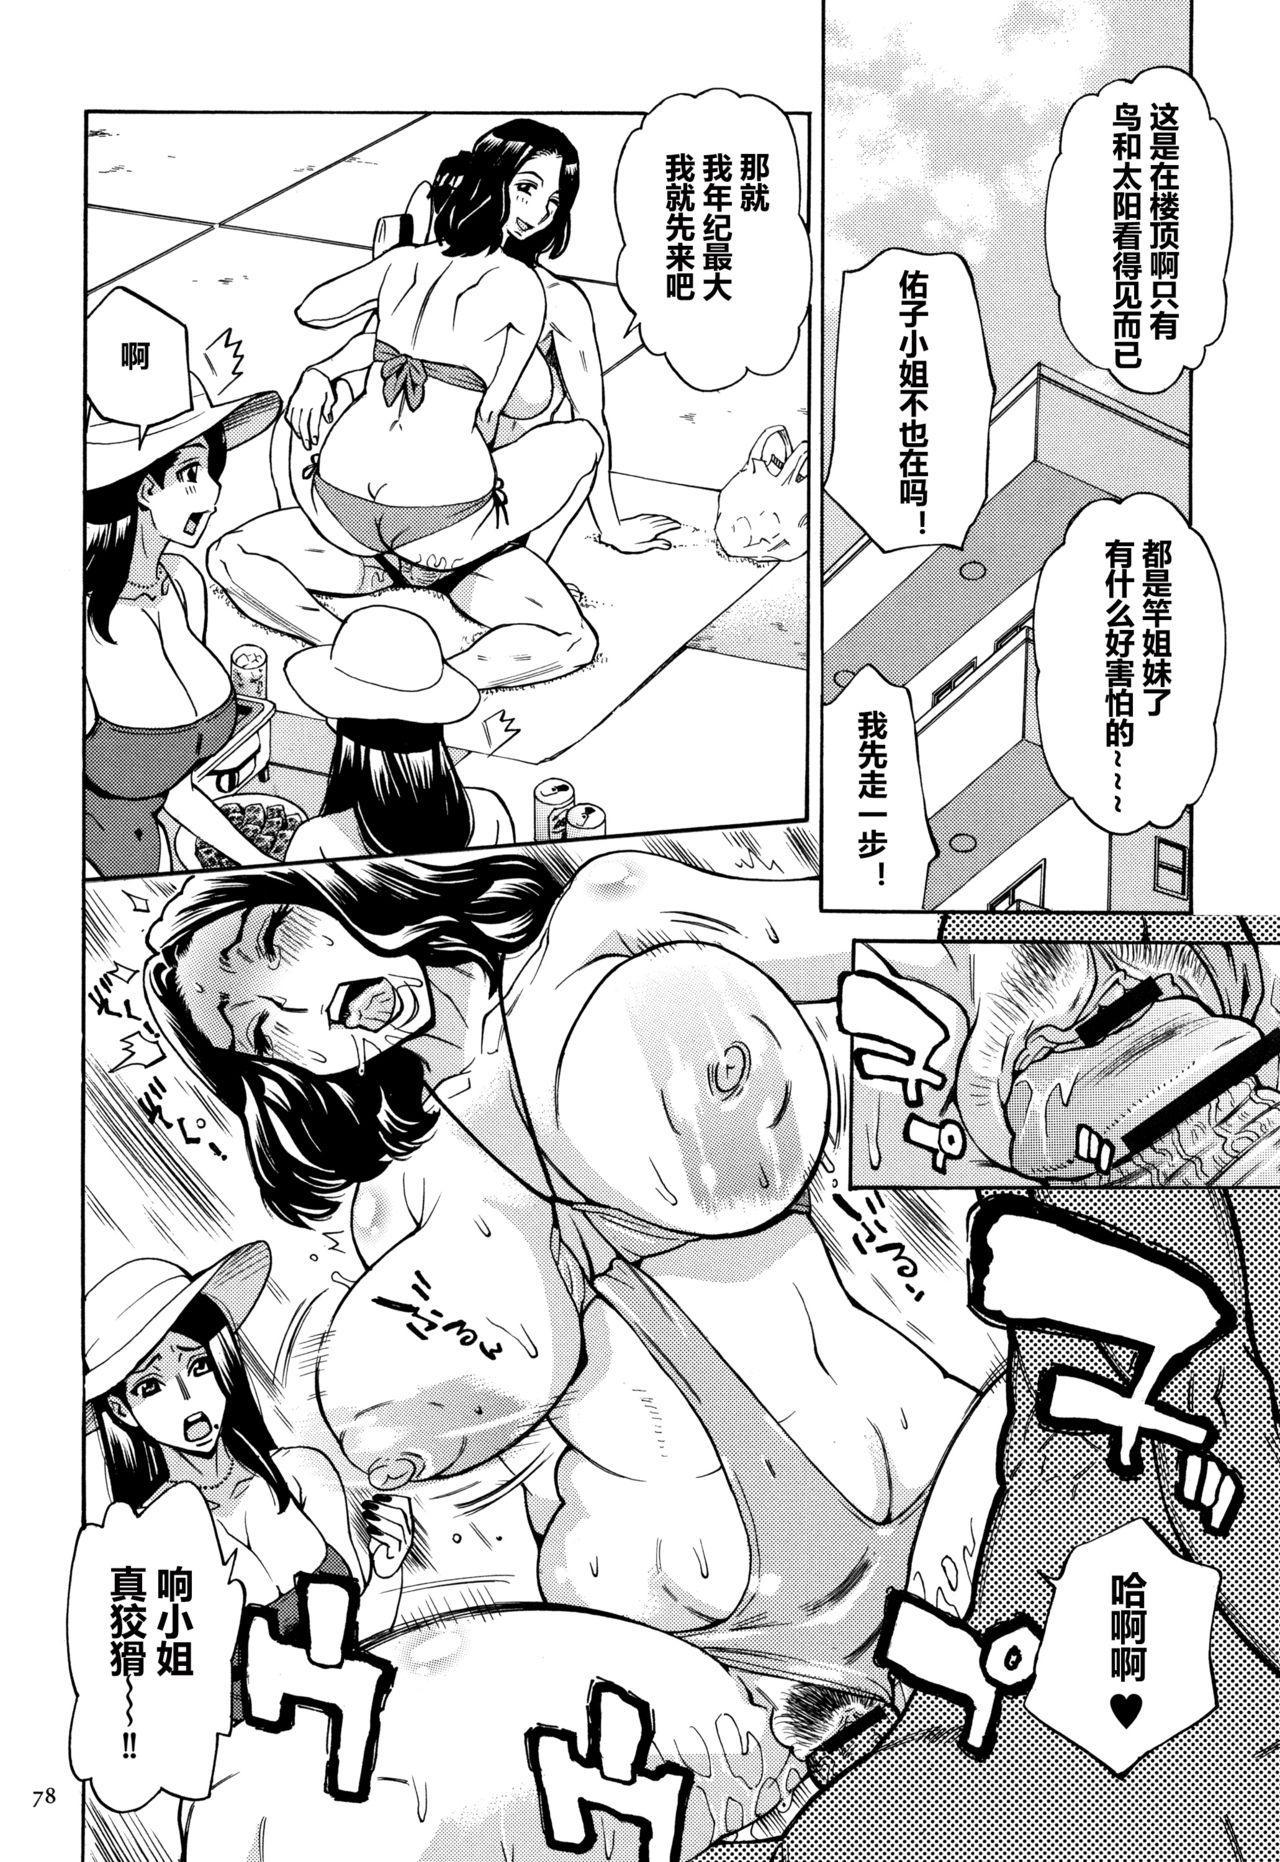 Oba-san dakedo, Daite Hoshii. 78